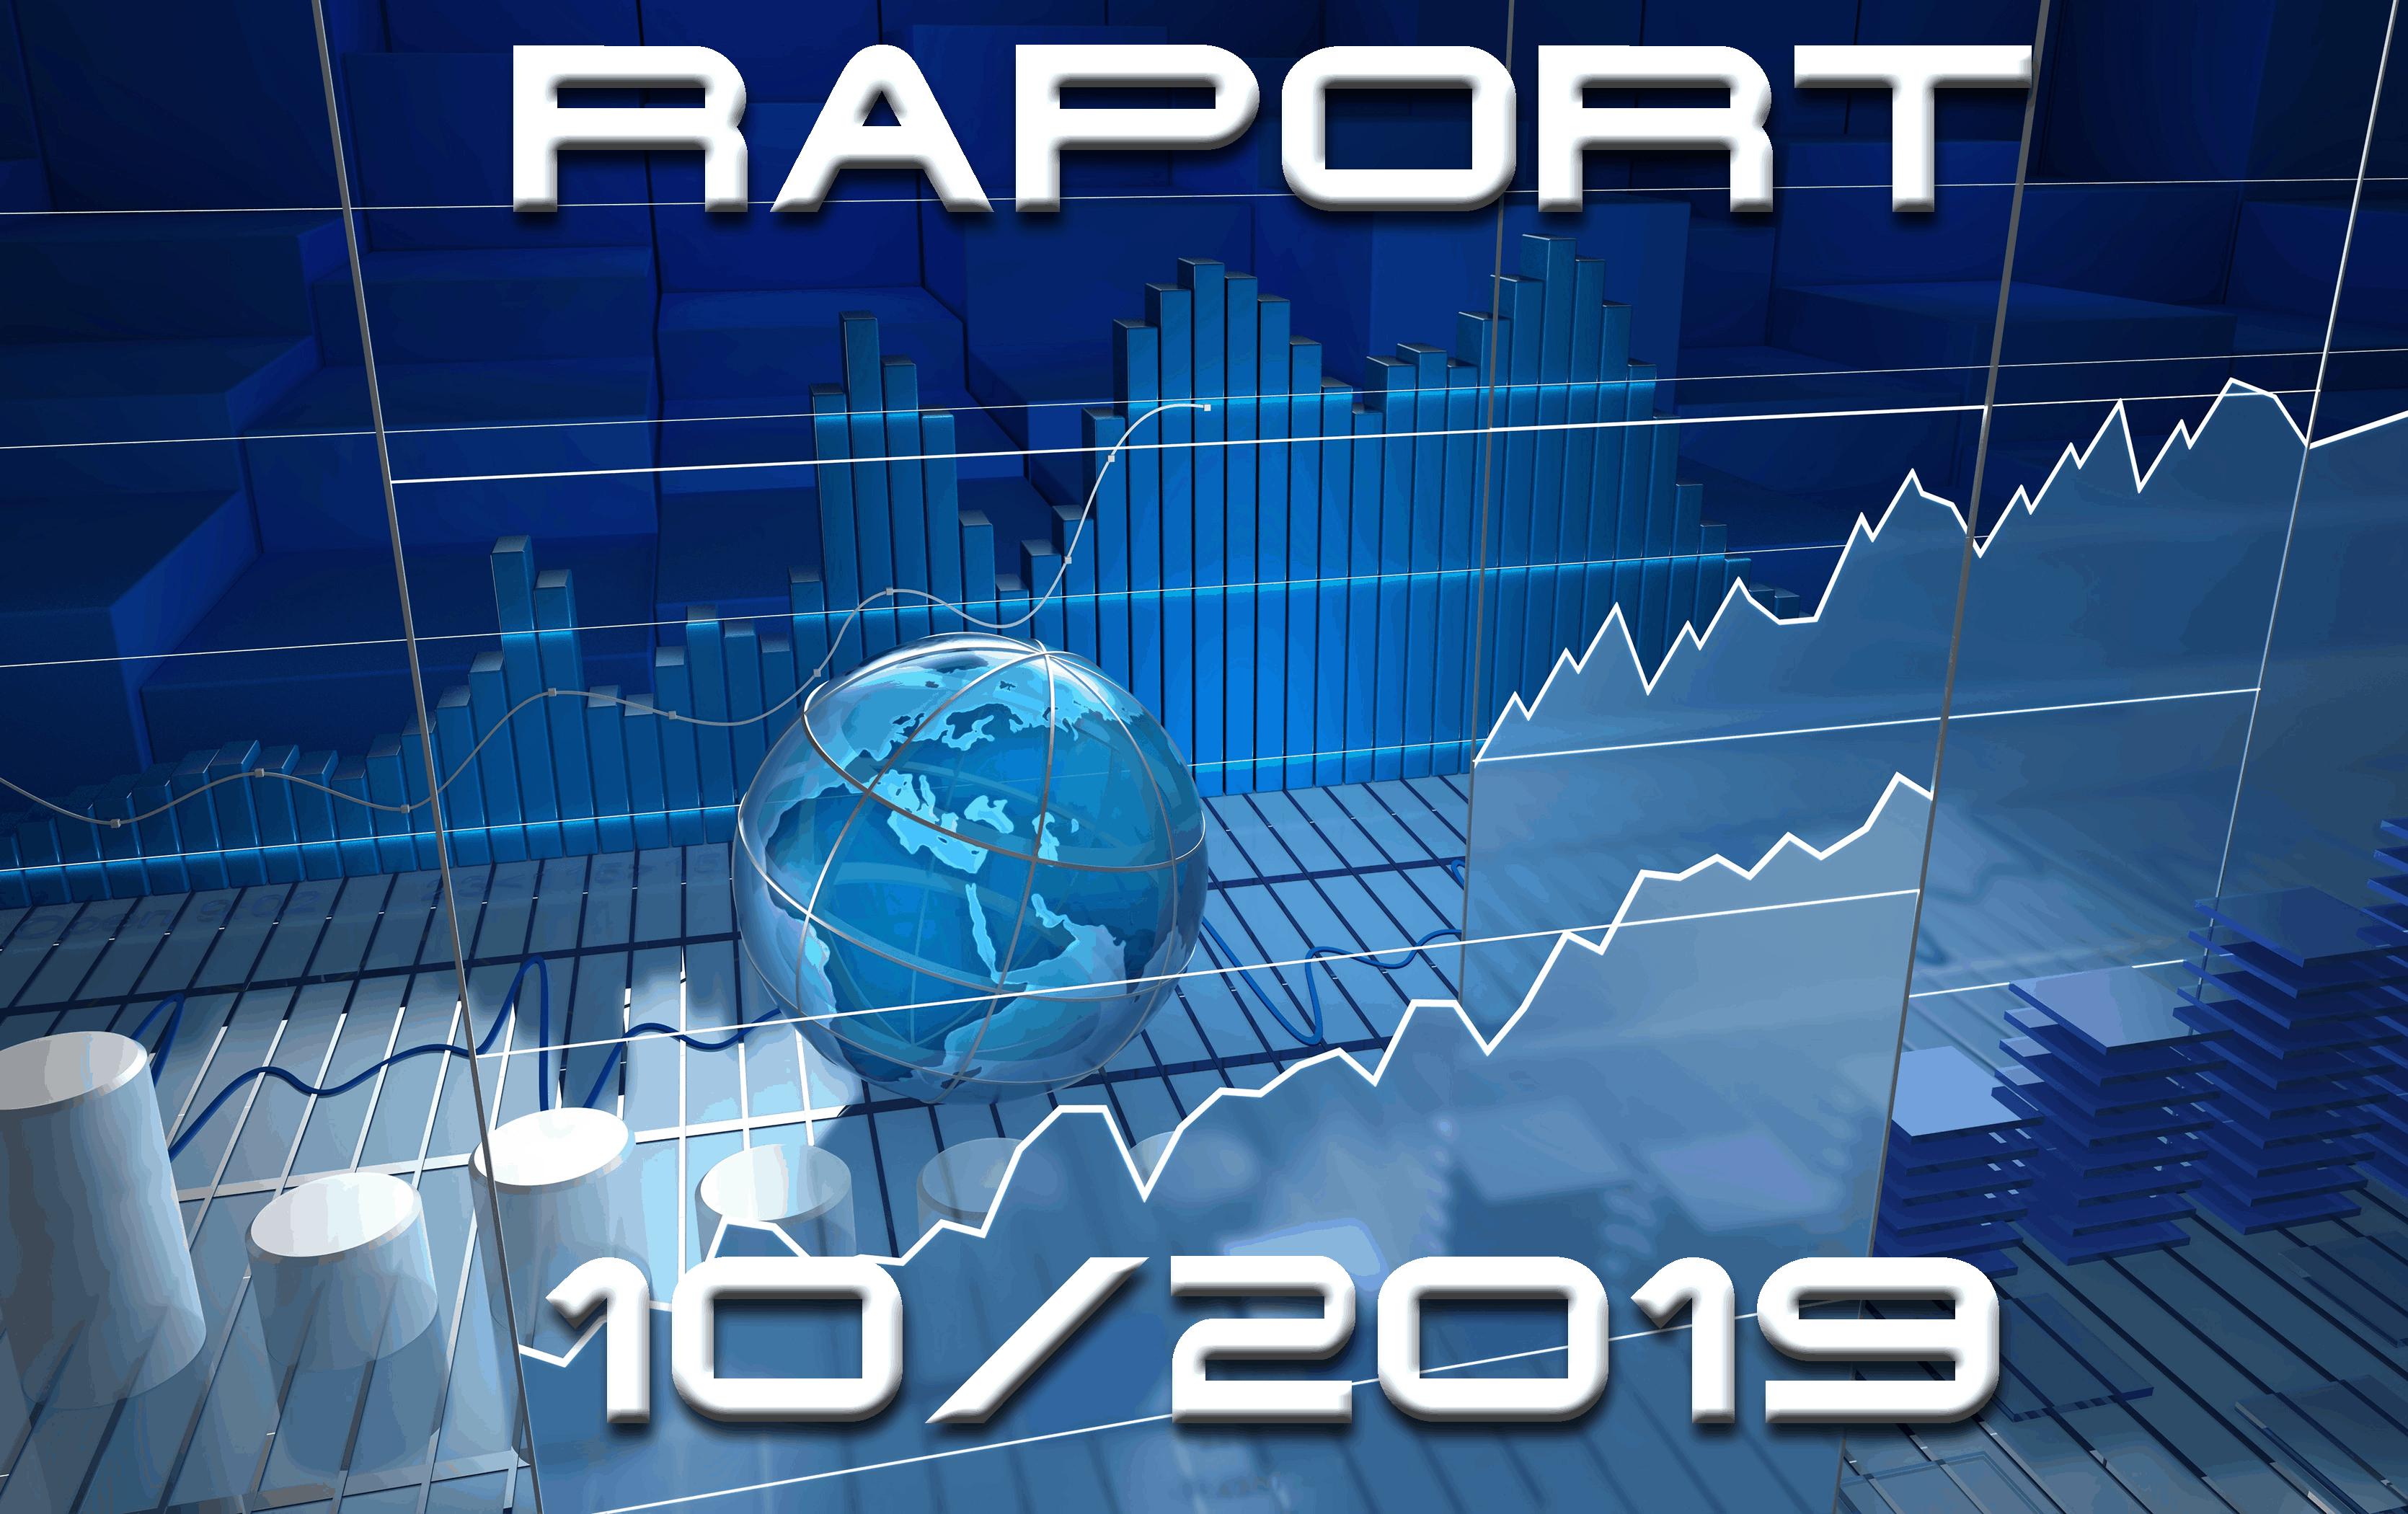 intraday'owa statystyka - raport październik 2019